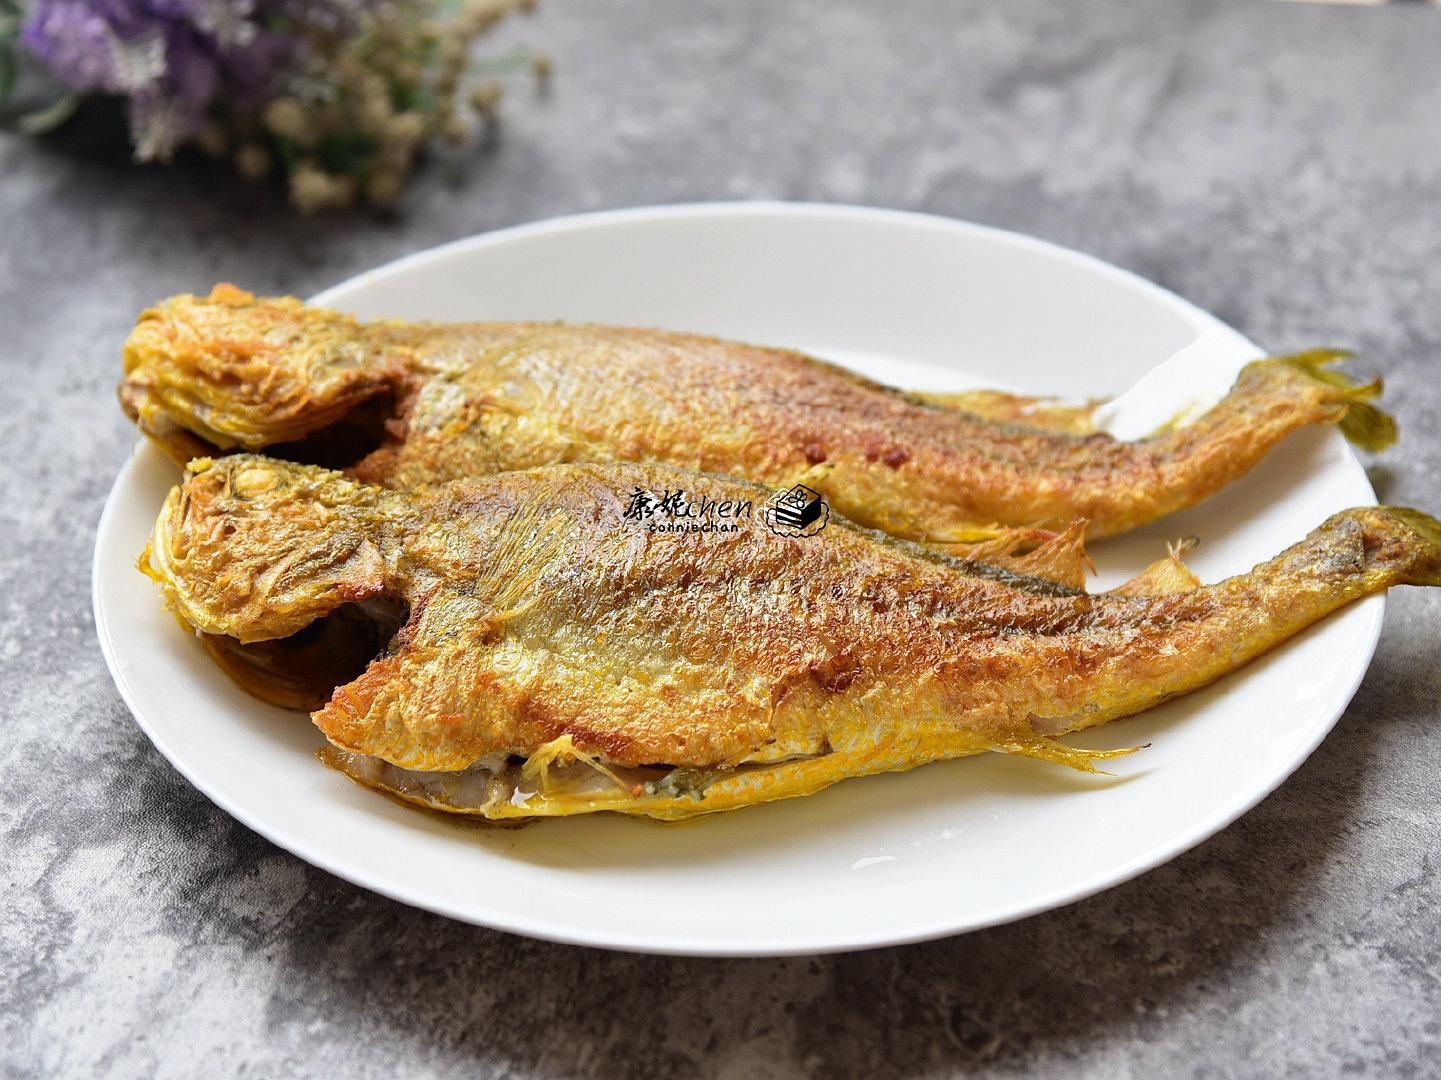 孩子很喜欢吃这鱼,肉多刺少,简单煎一下,香喷喷,孩子吃身体棒